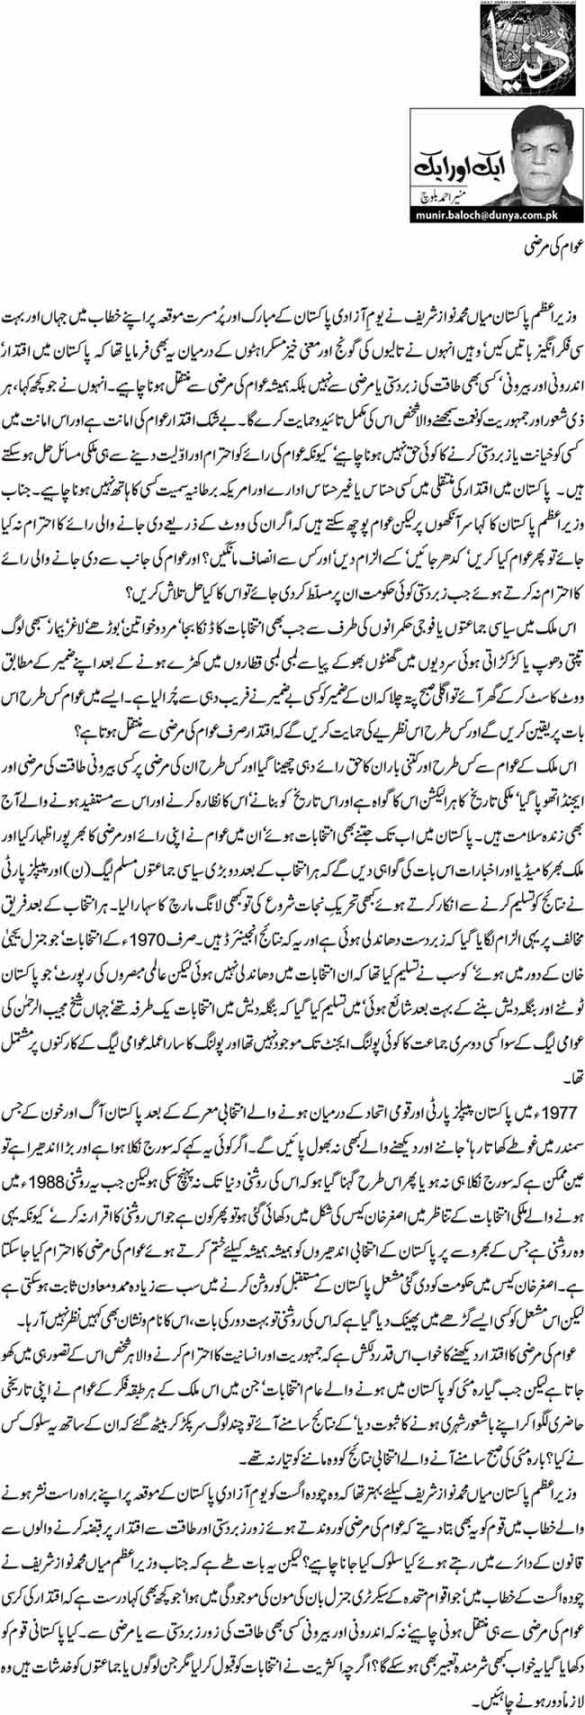 Awam Ki Marzi - Munir Ahmed Baloch